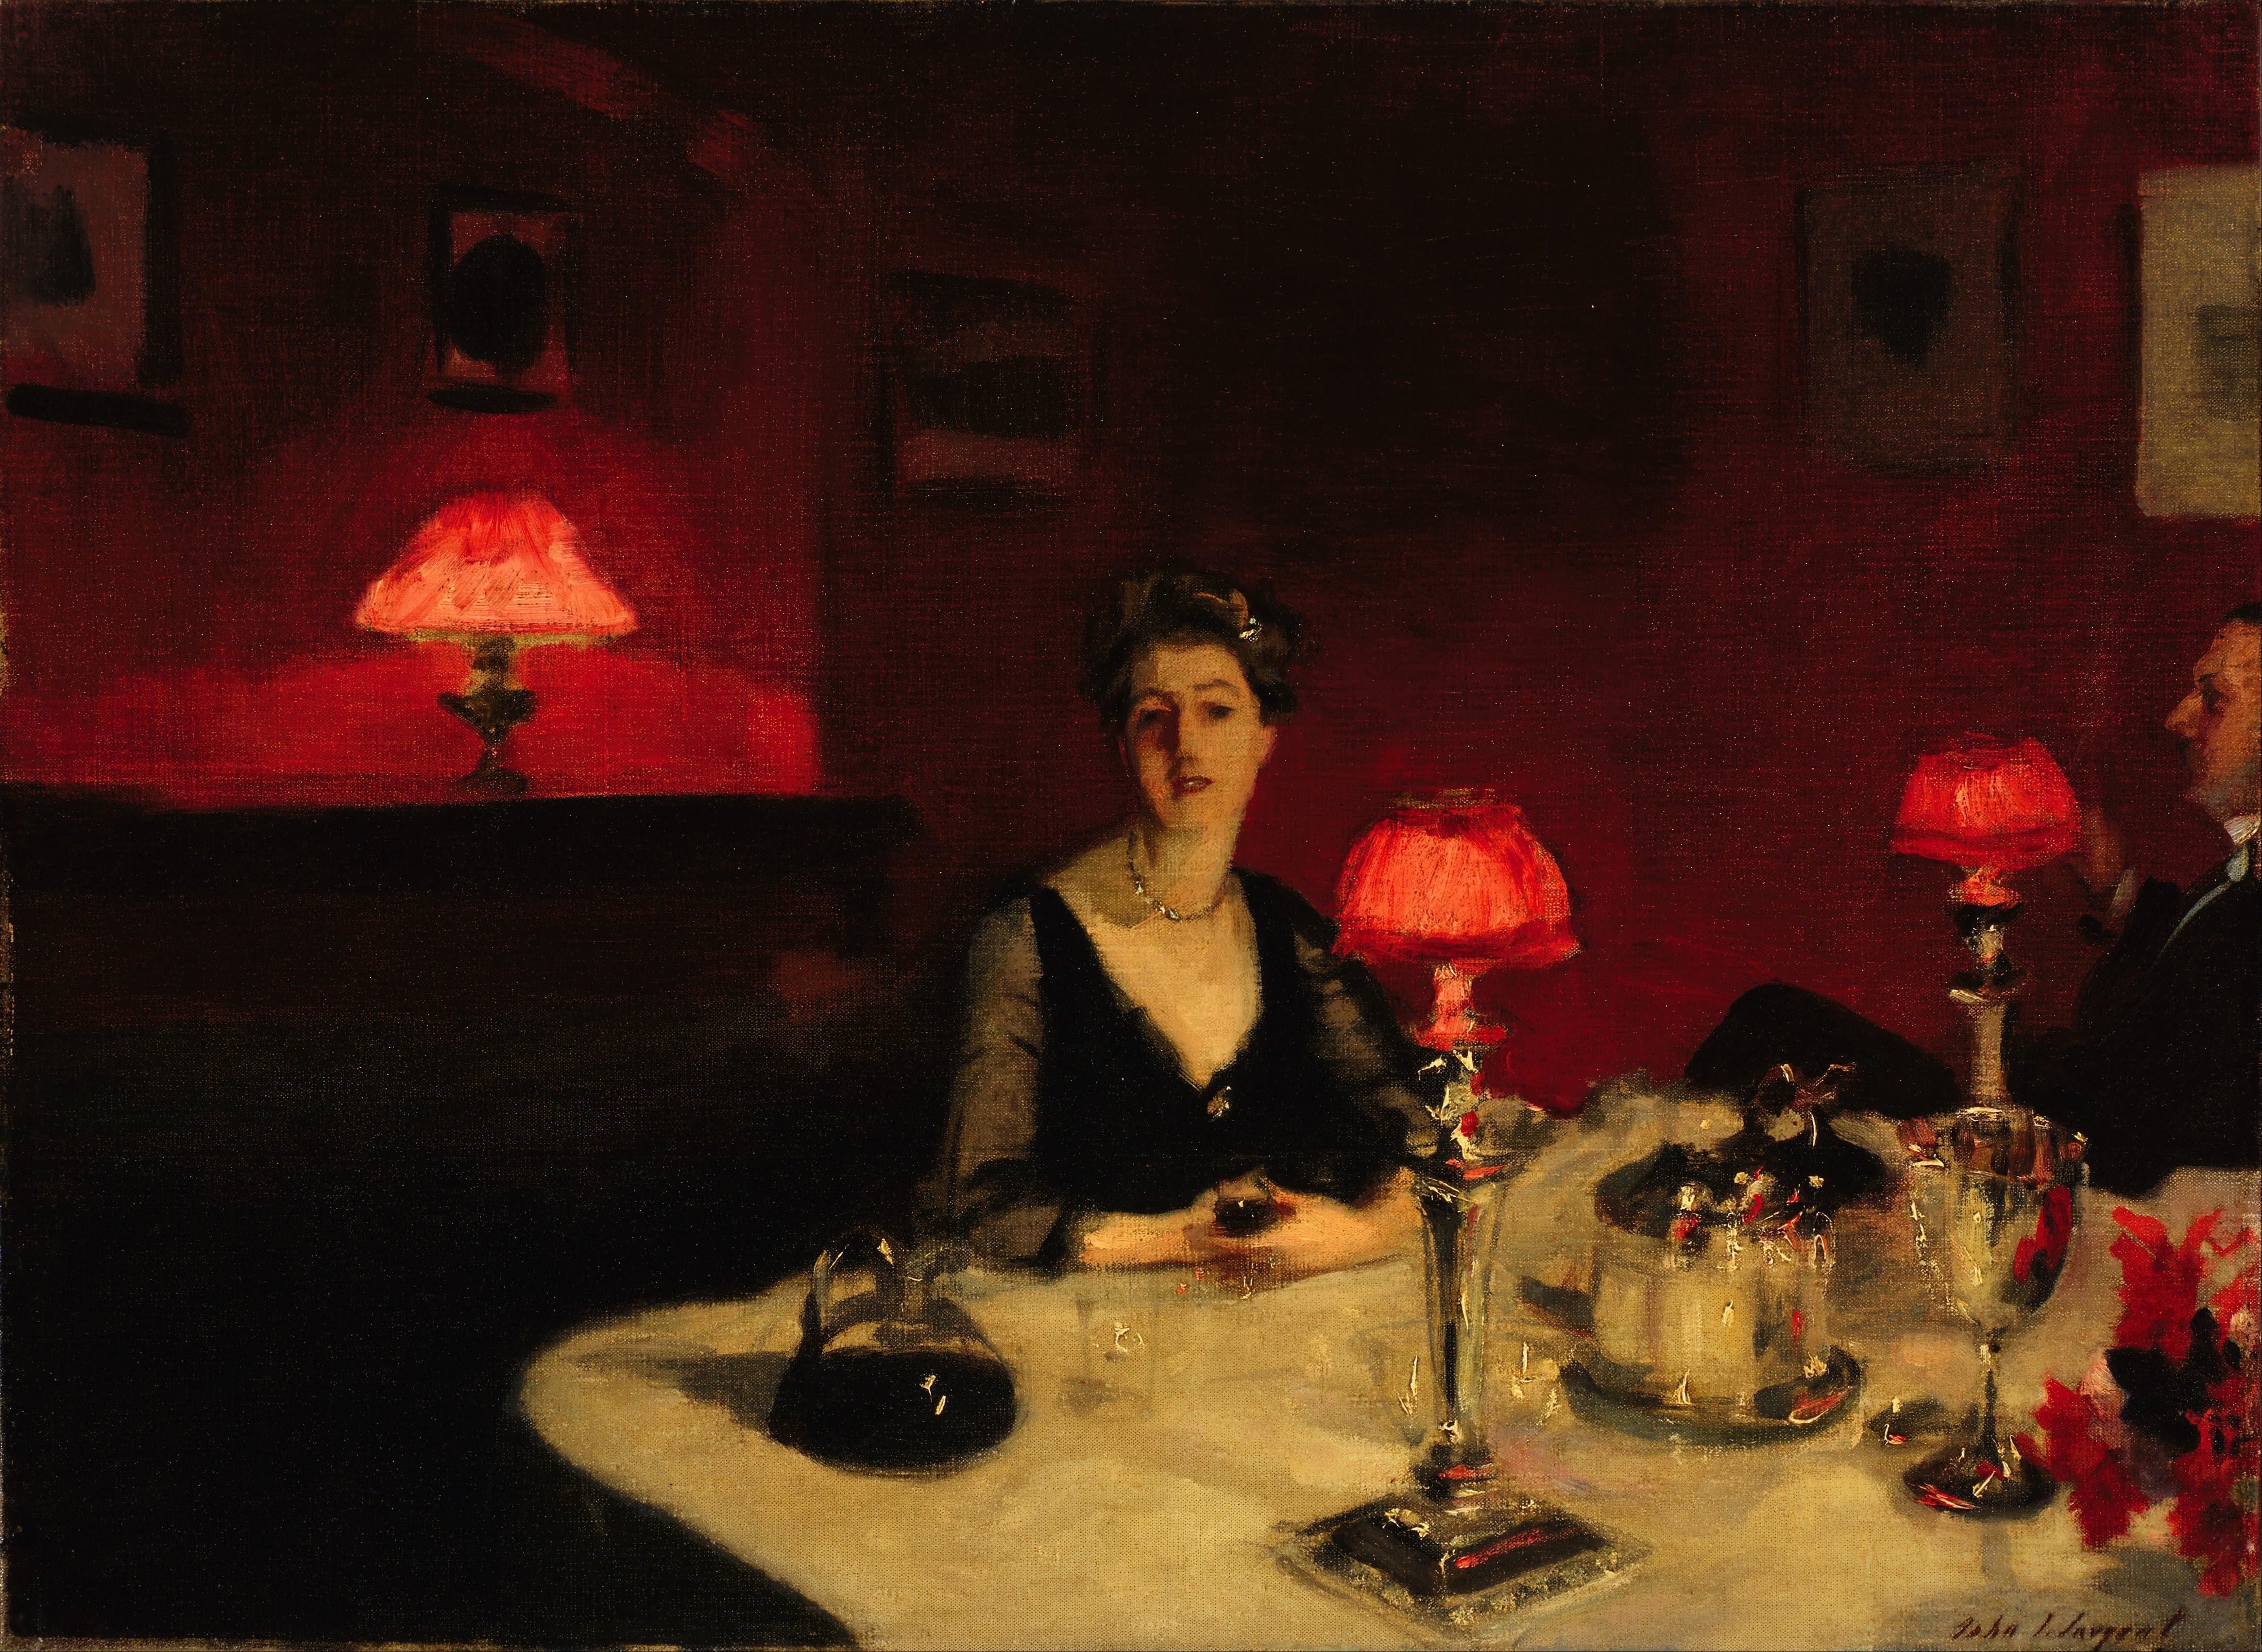 file john singer sargent le verre de porto a dinner table at night google art. Black Bedroom Furniture Sets. Home Design Ideas